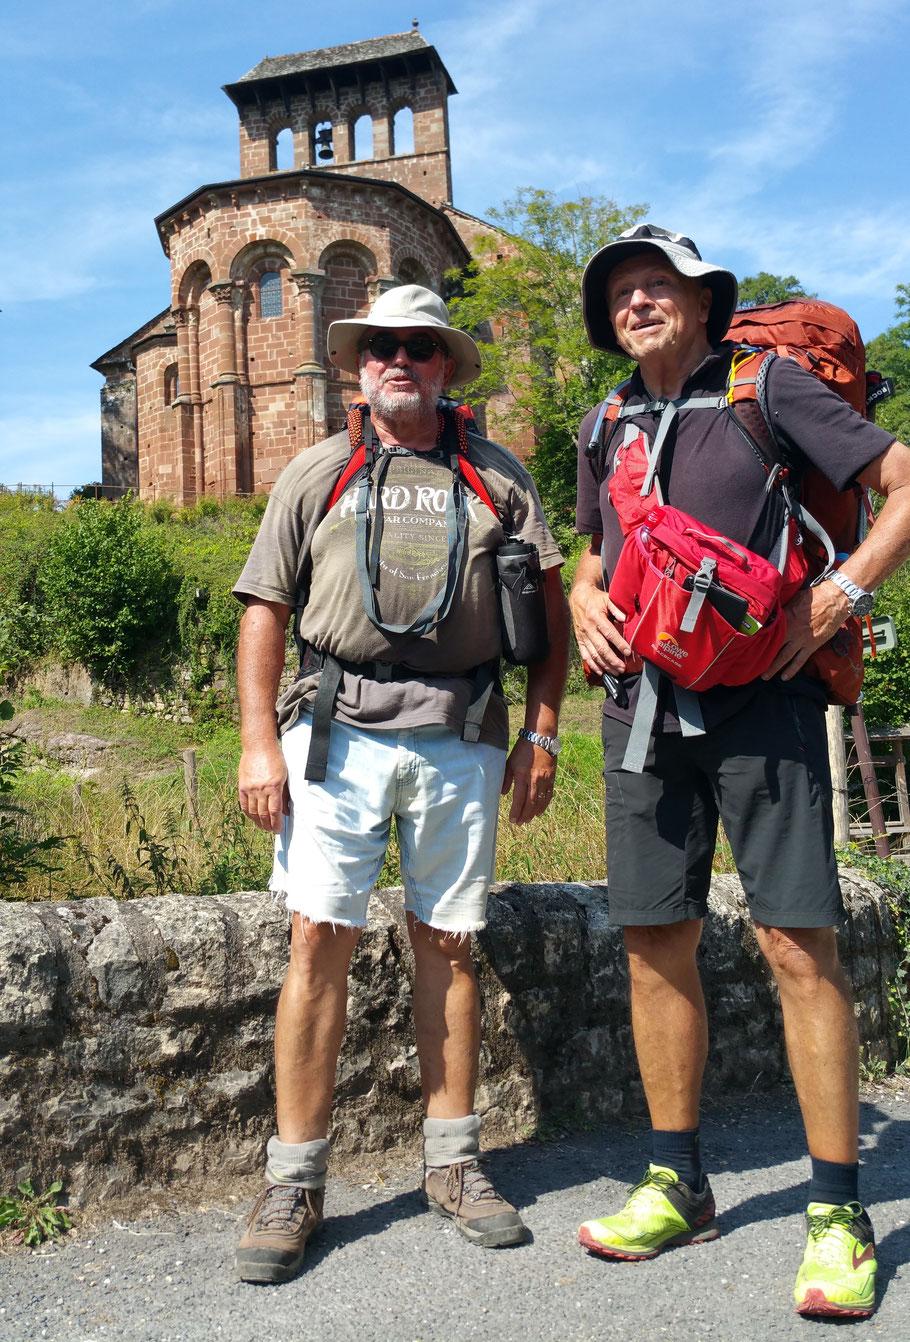 Mein Freund Gerard aus Grenoble